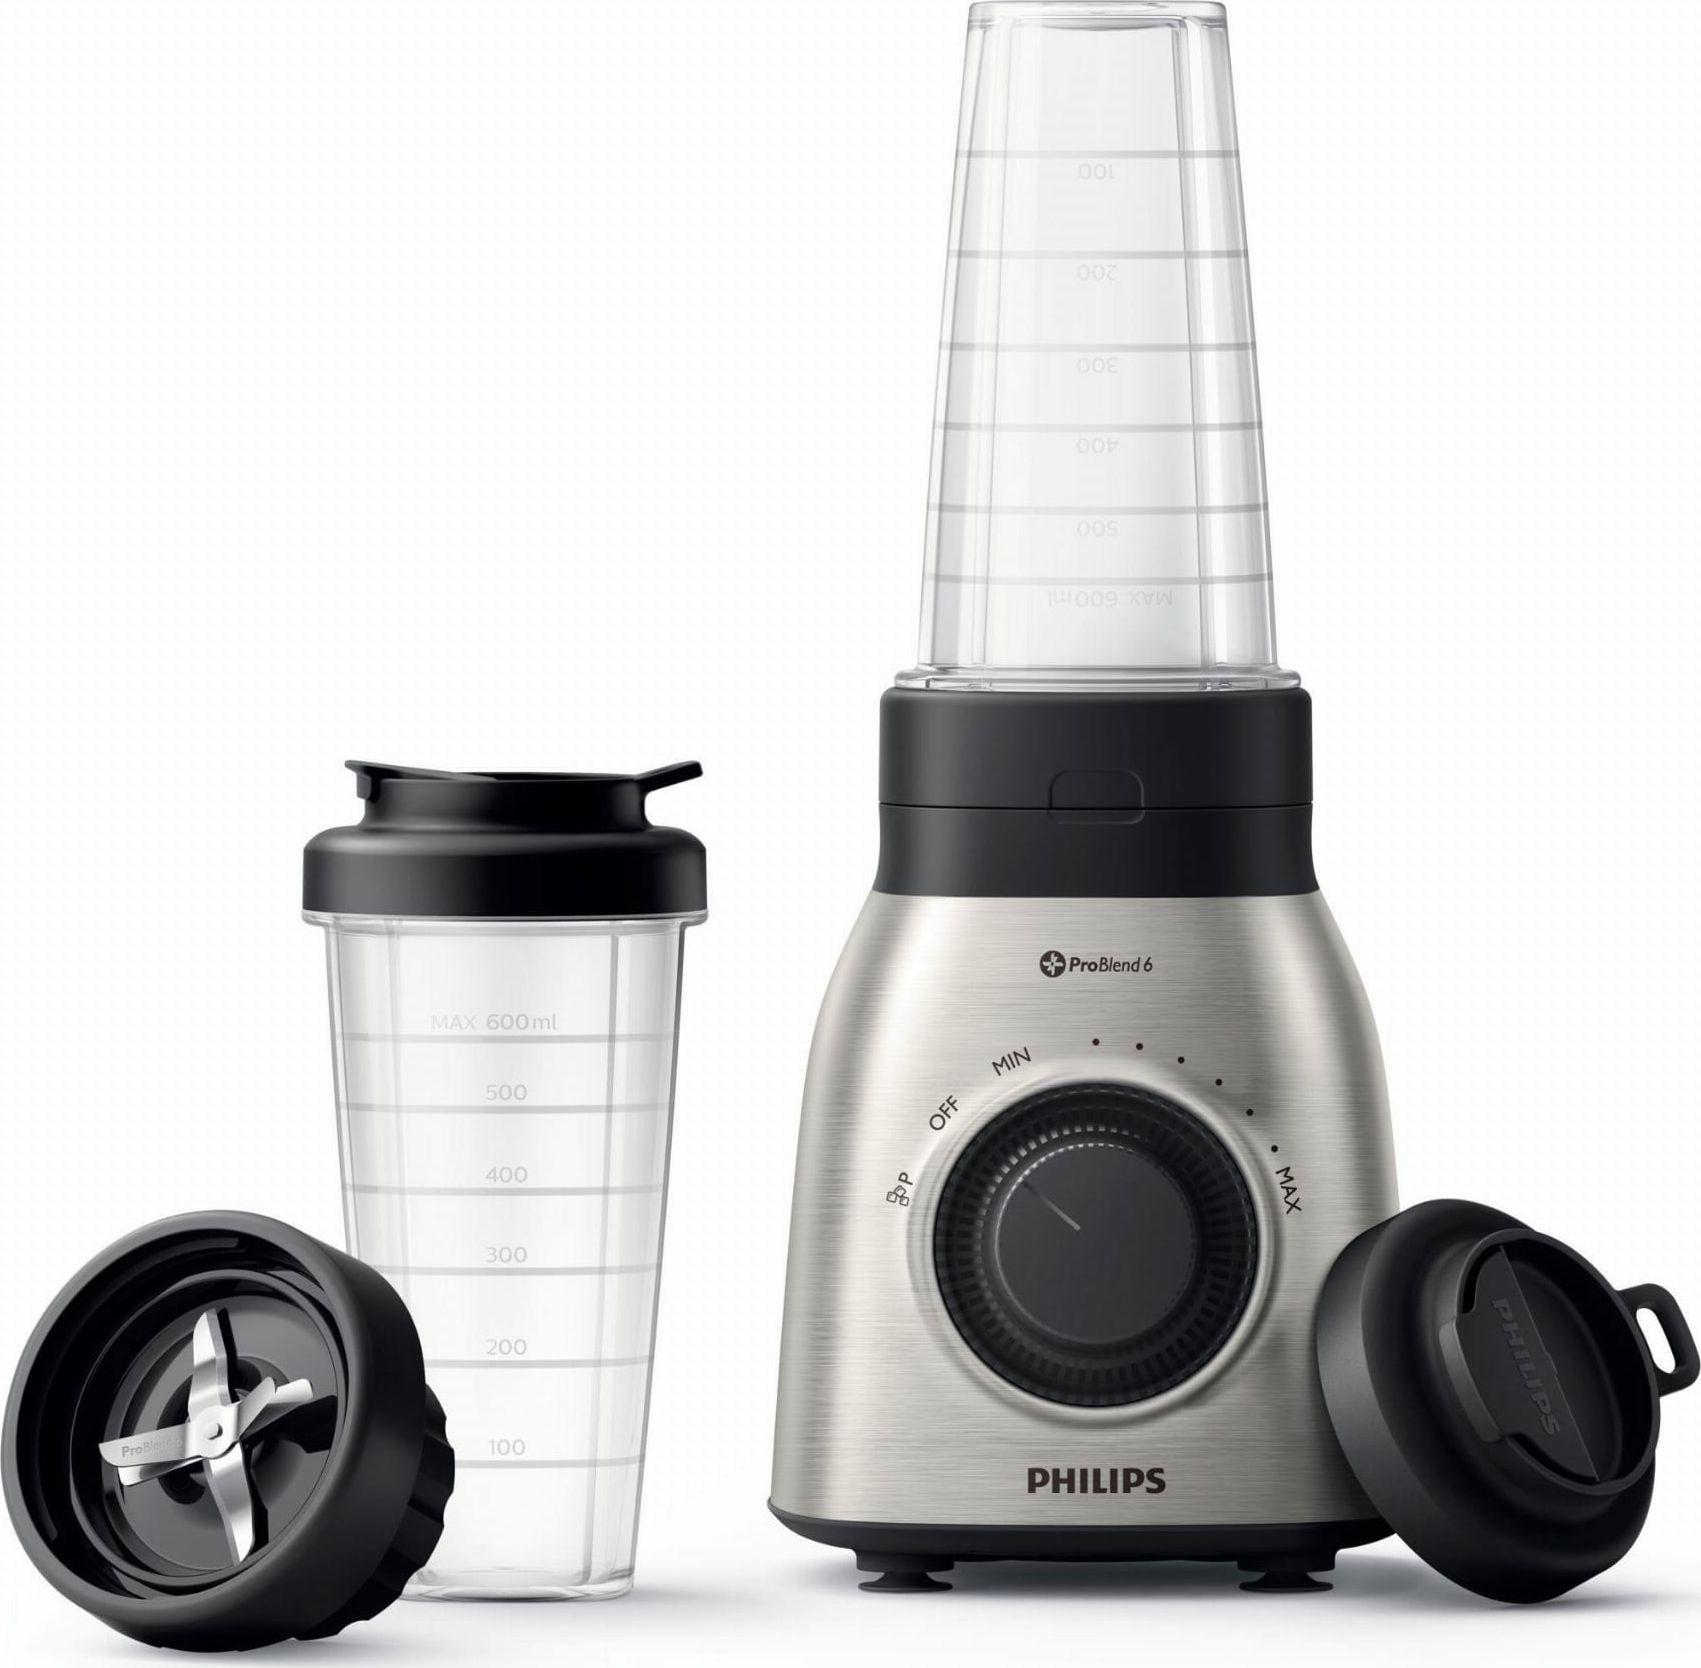 Philips Viva Collection HR3554/00 blender 0.6 L Tabletop blender Black, Silver 700 W Mikseris